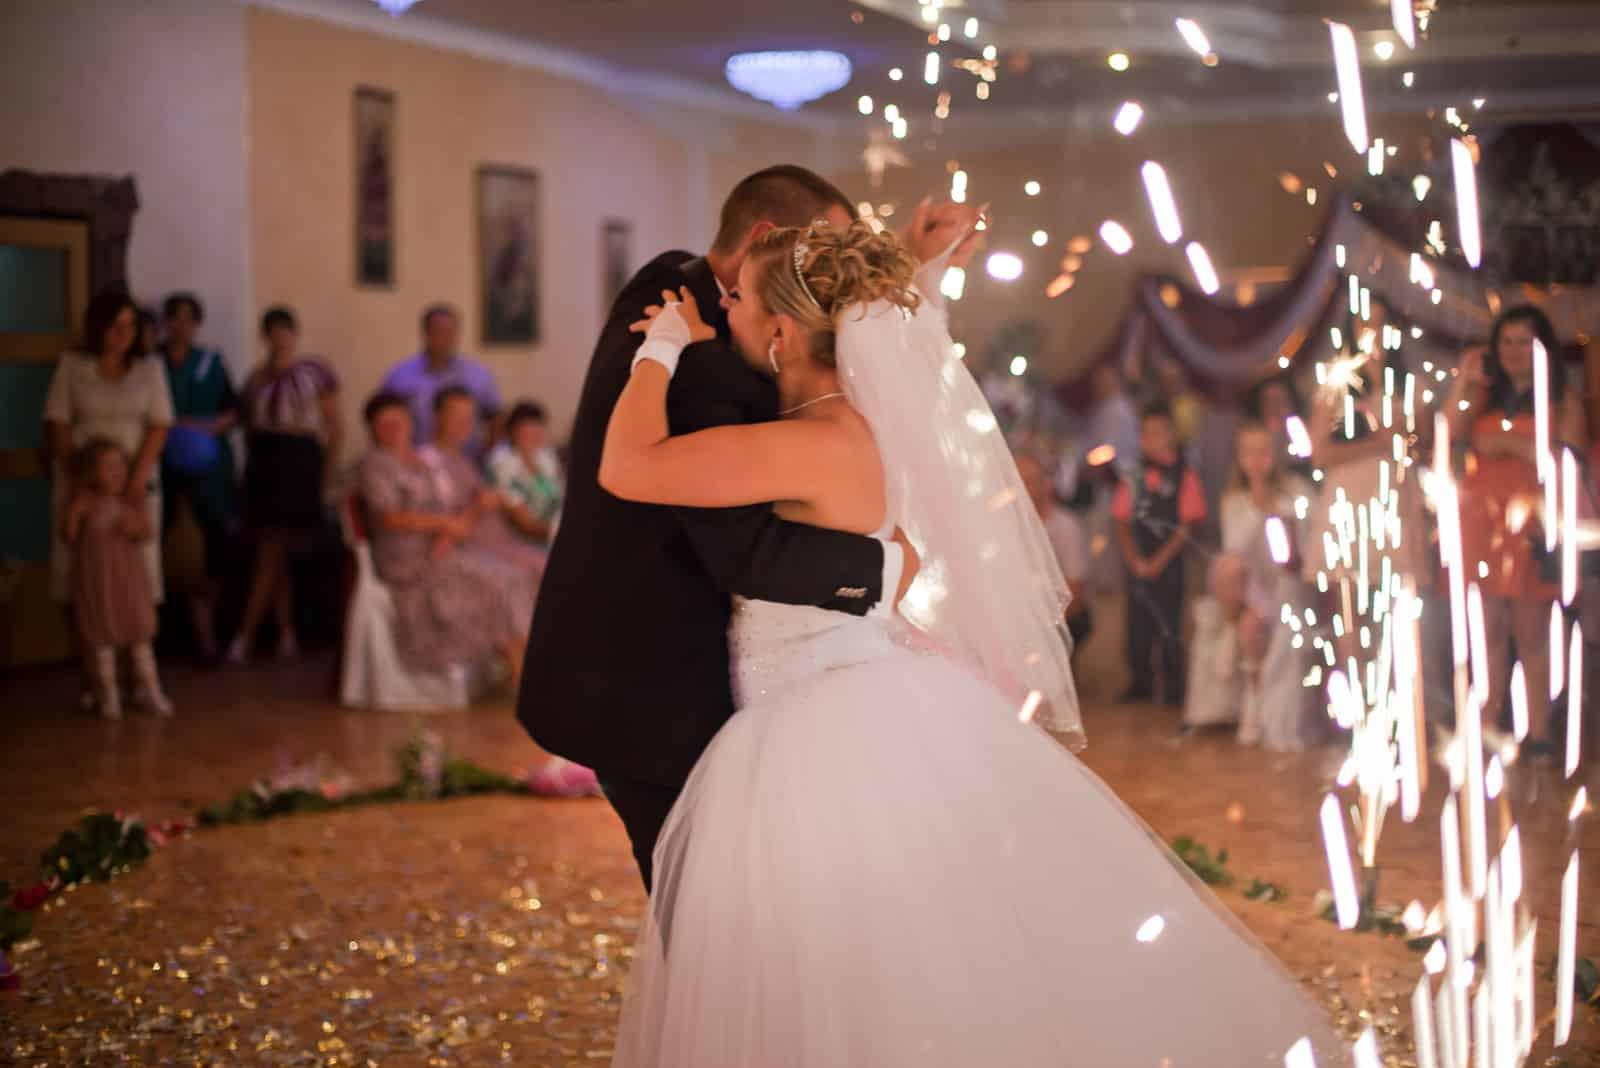 erster Tanz des schönen Brautpaares